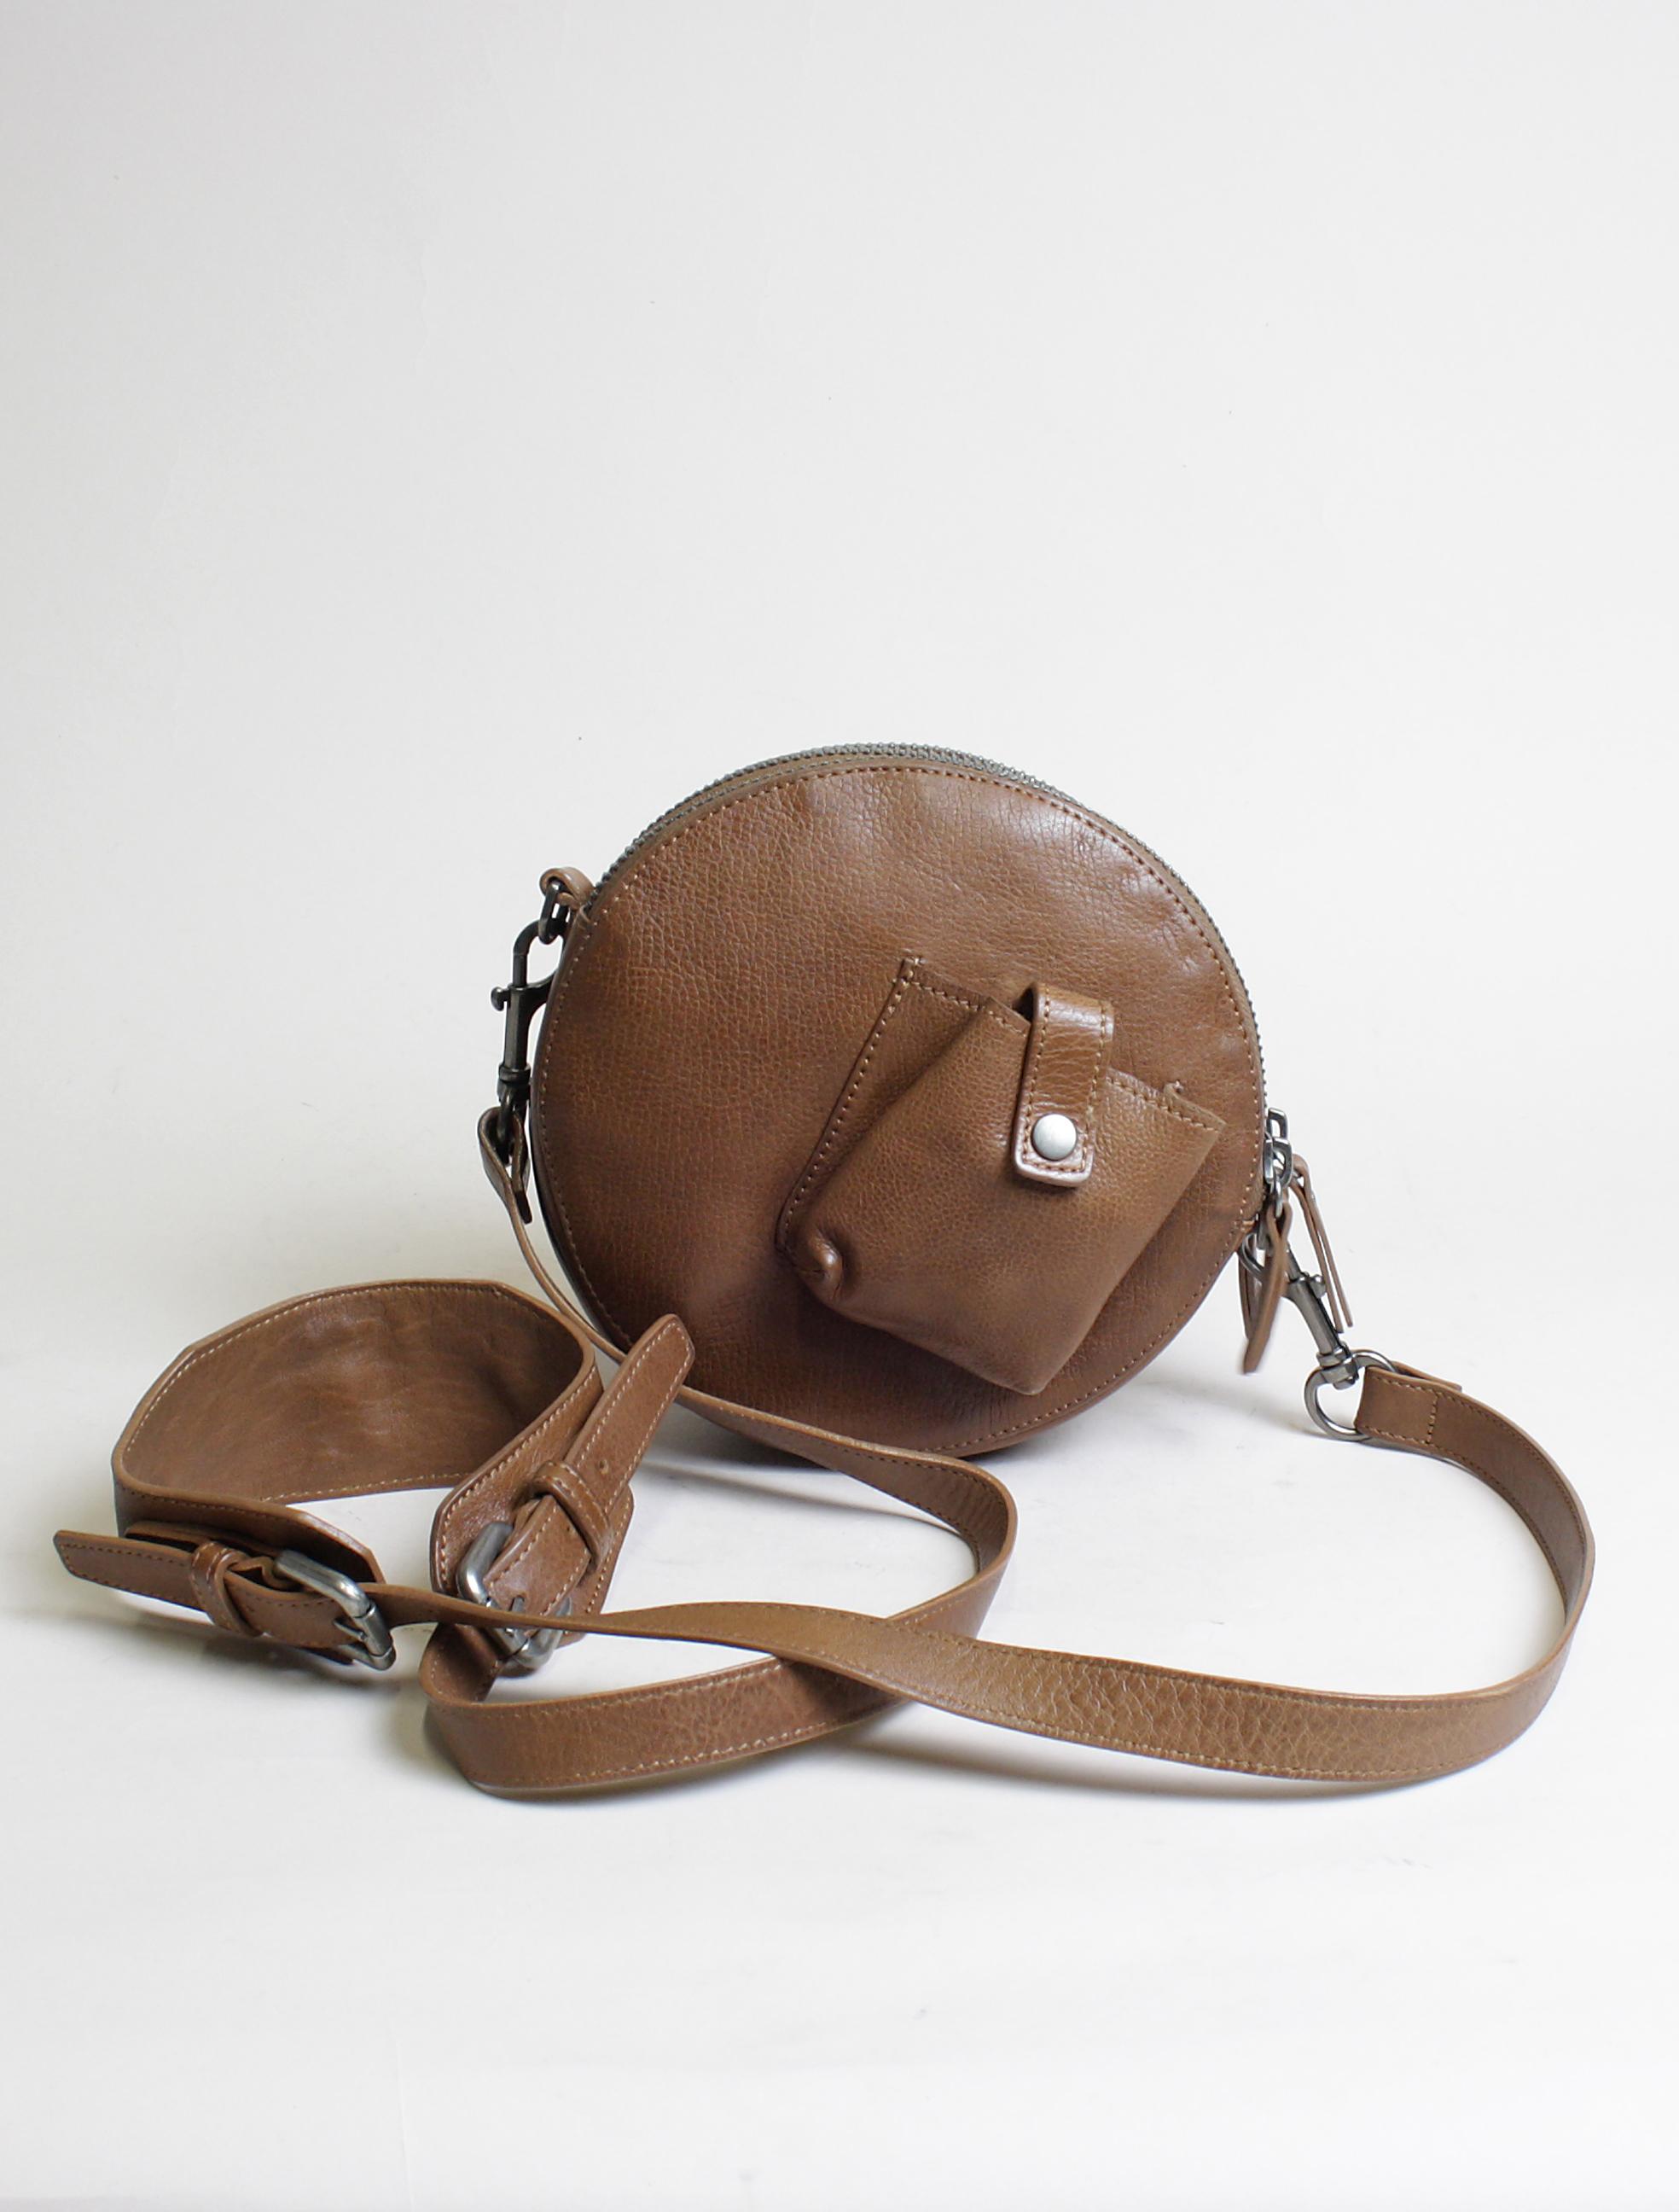 Re-Hard 5100 satchel round bag cuoio